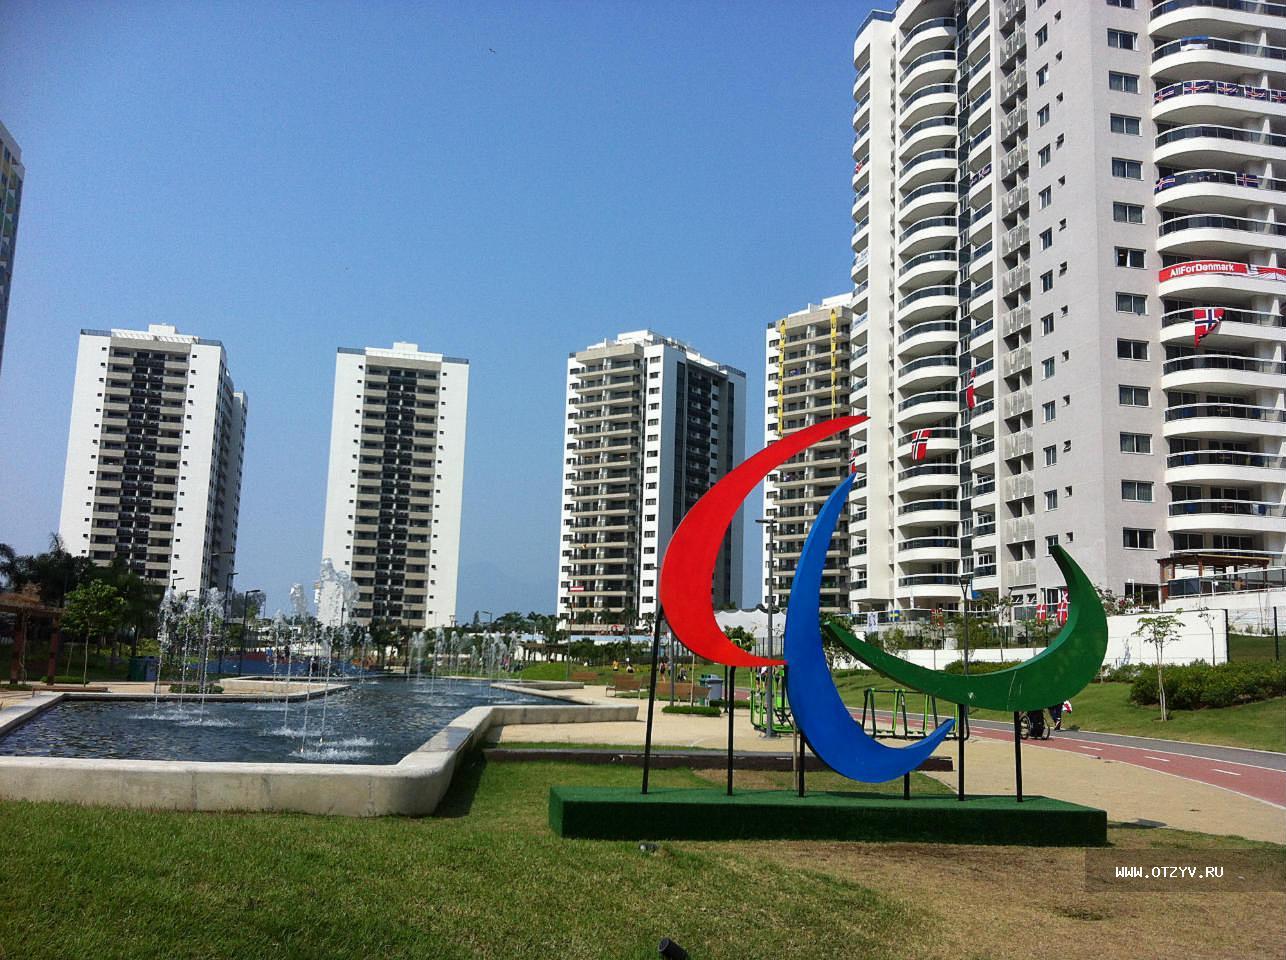 фото из олимпийской деревни в рио кпк центральная